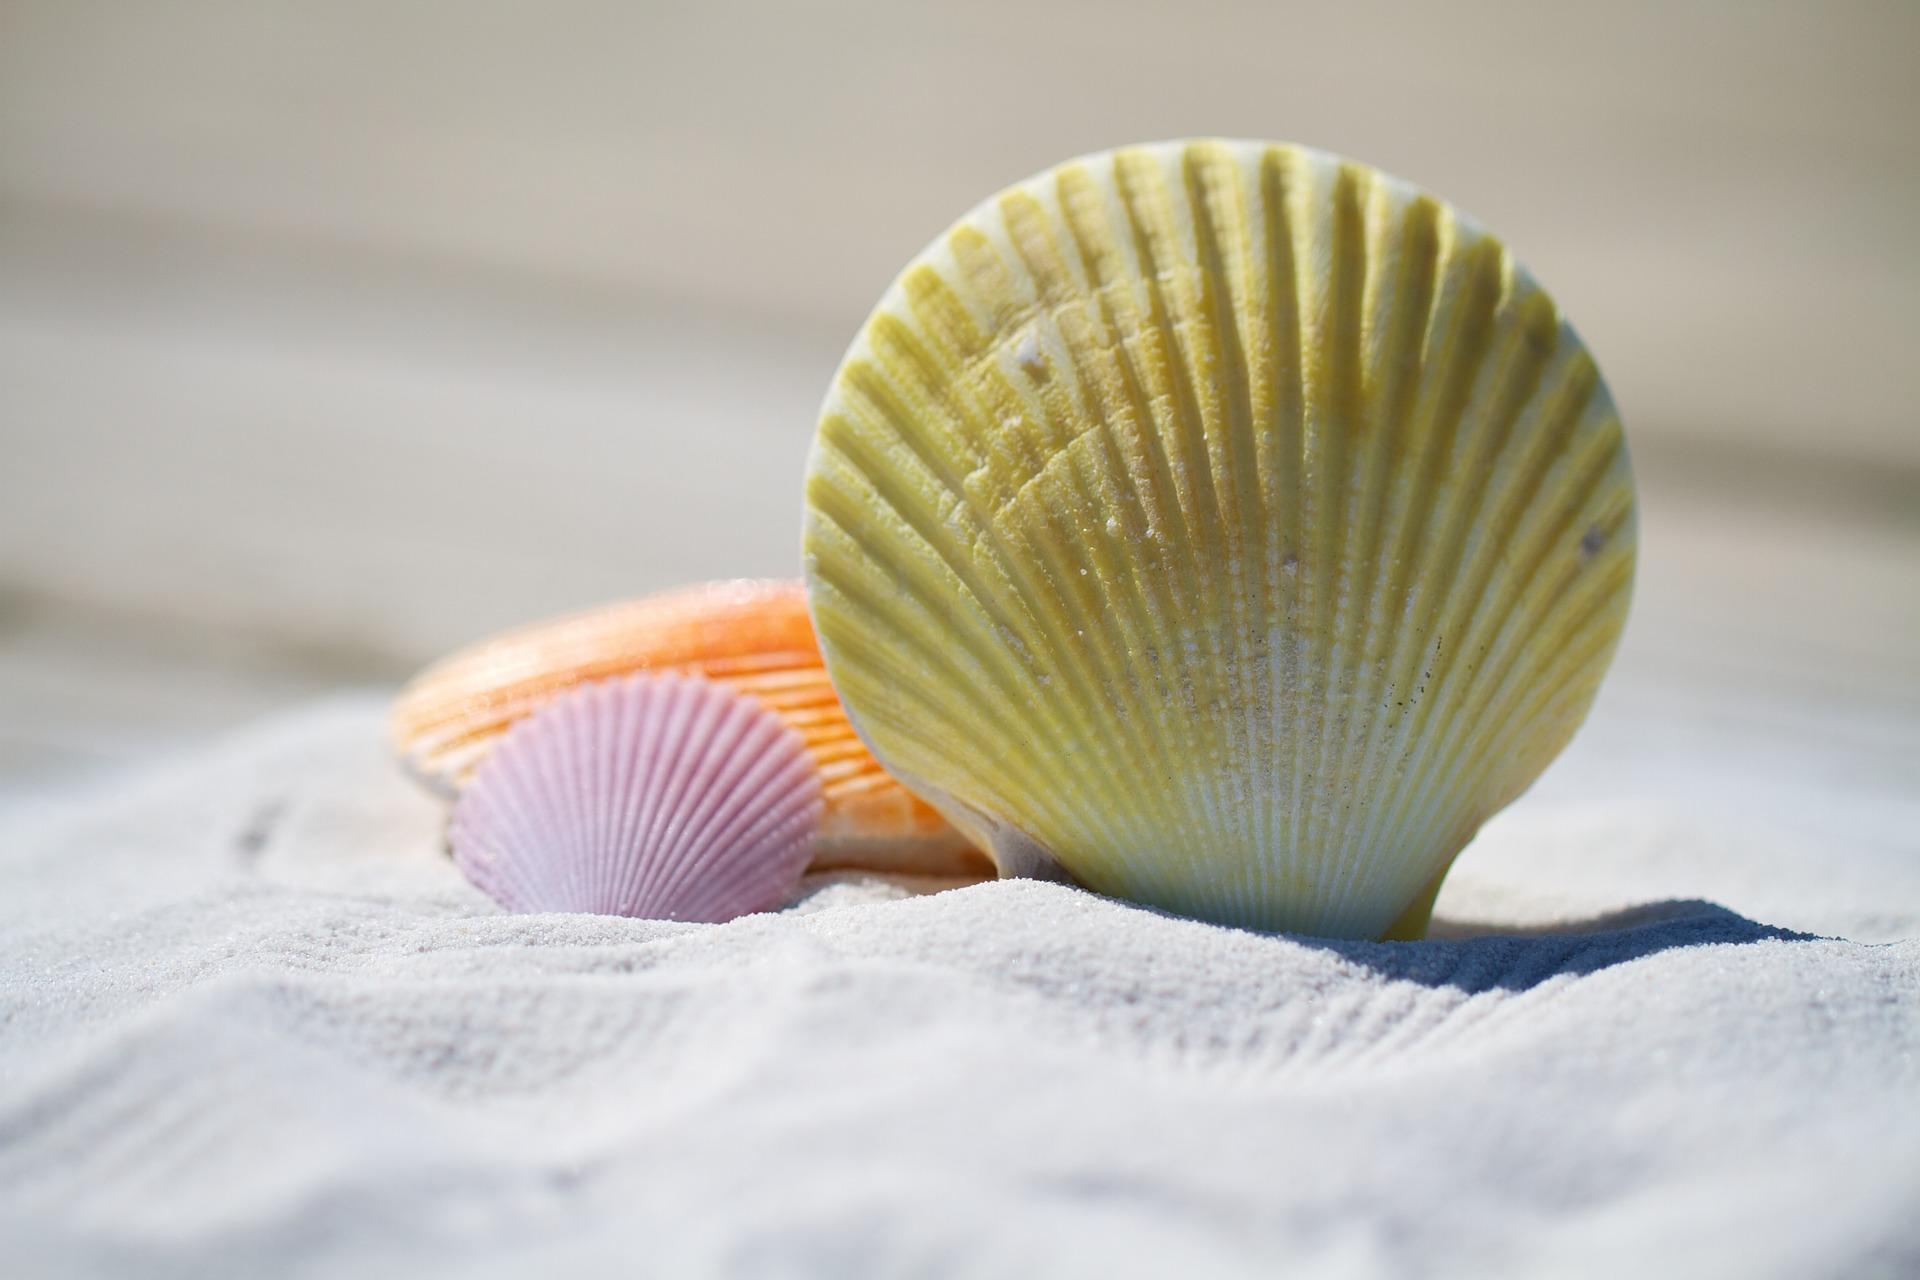 贝壳, 沙子, 海滩, 文蛤, 颜色 - 高清壁纸 - 教授-falken.com